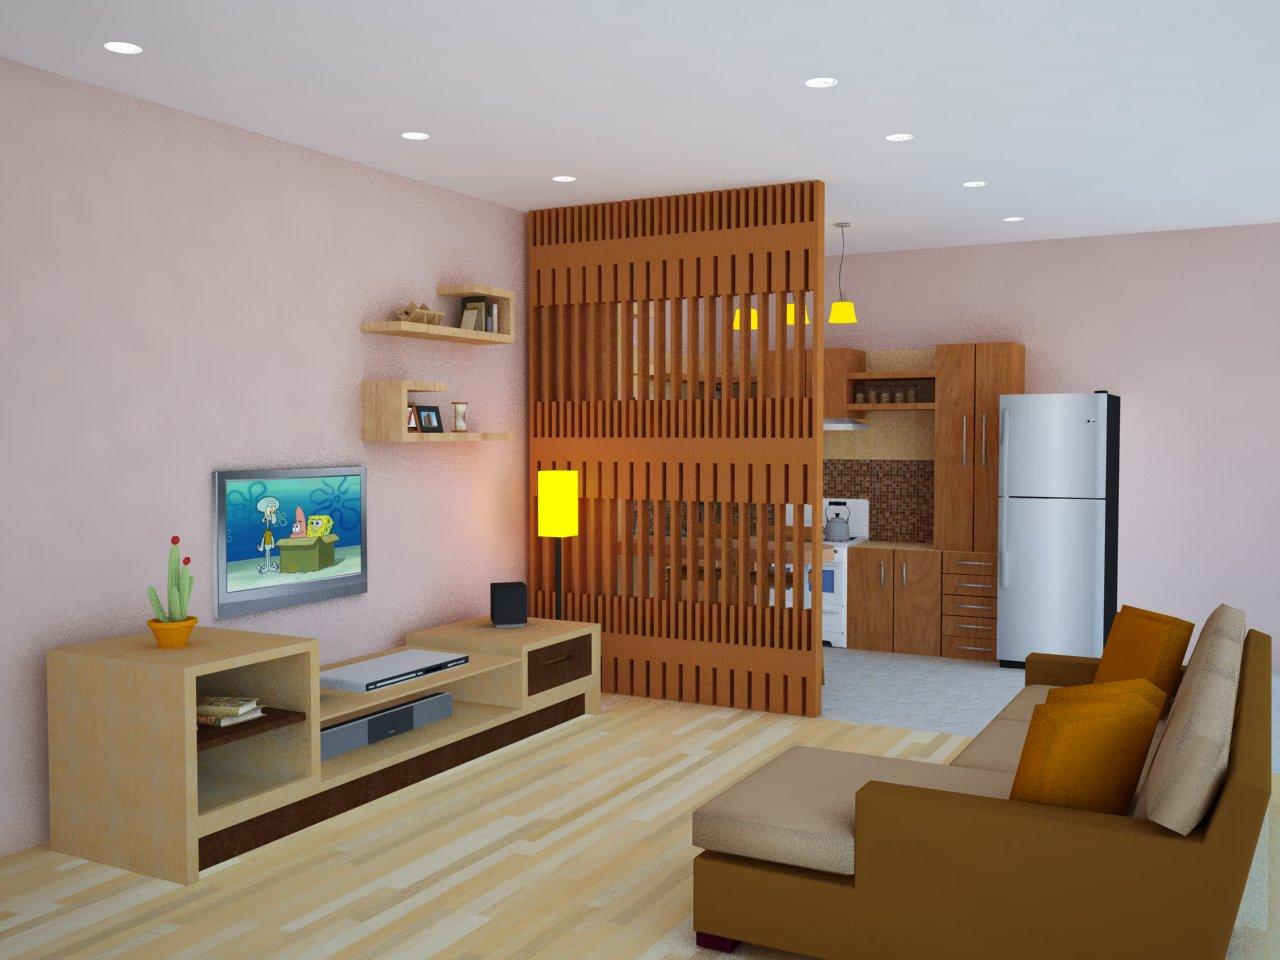 Desain Ruang Keluarga3 » Desain Ruang Keluarga yang Cantik dan Nyaman